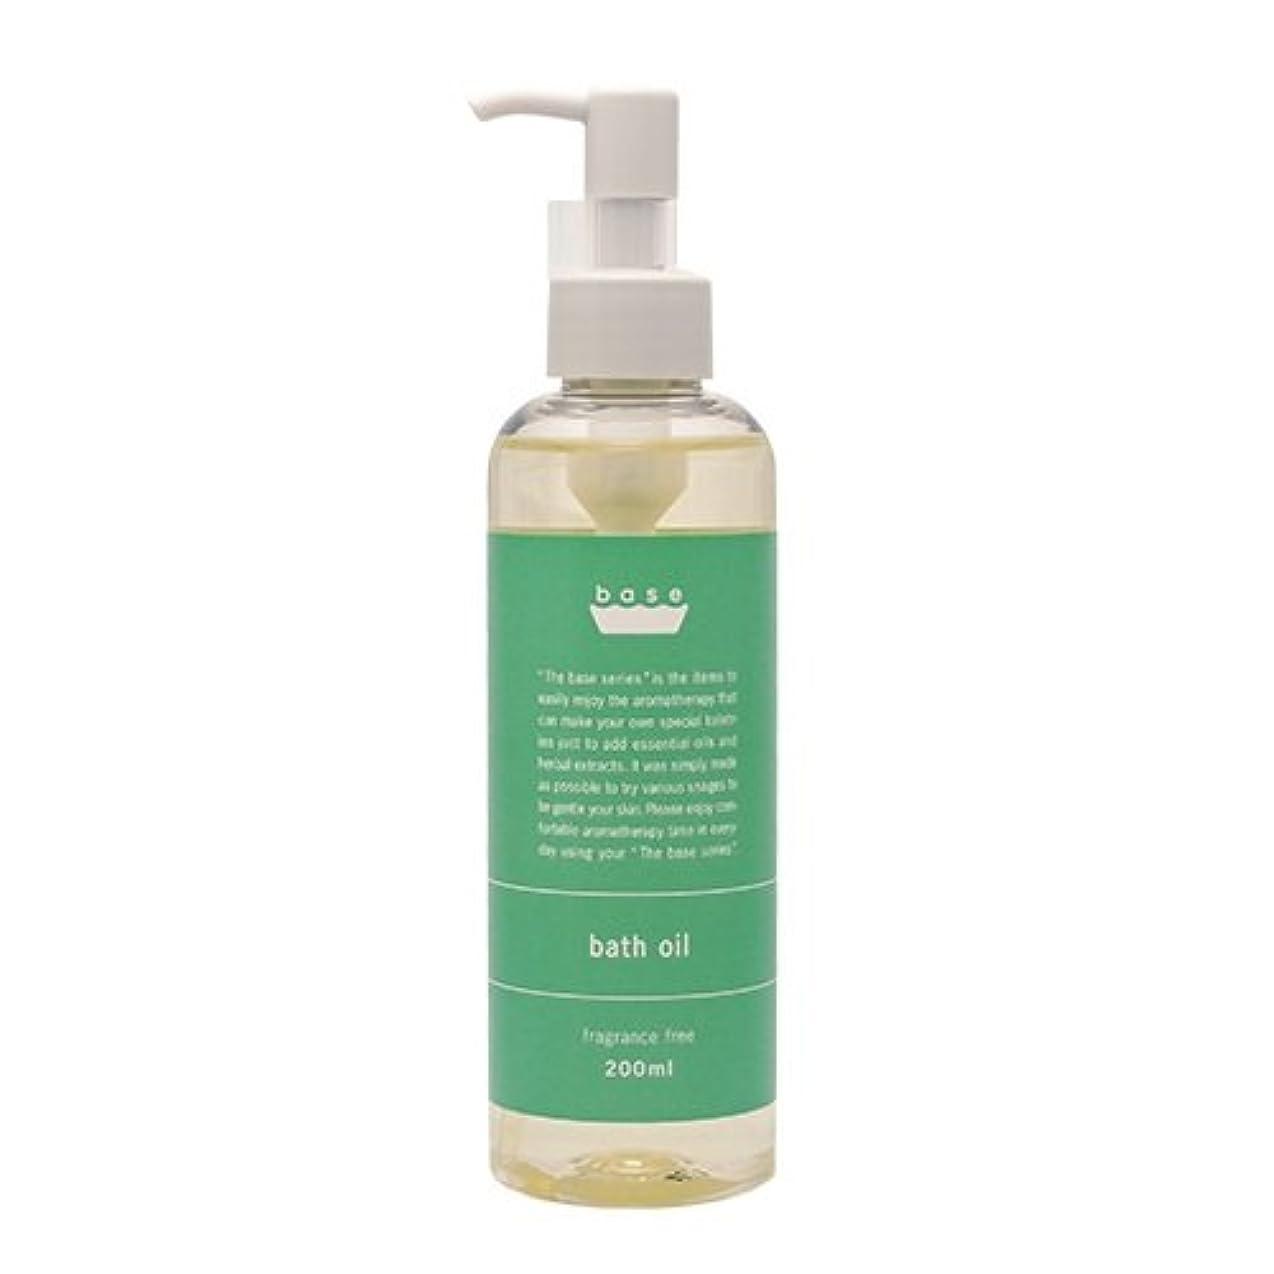 先生キャッチ刈るbase bath oil(バスオイル)200ml